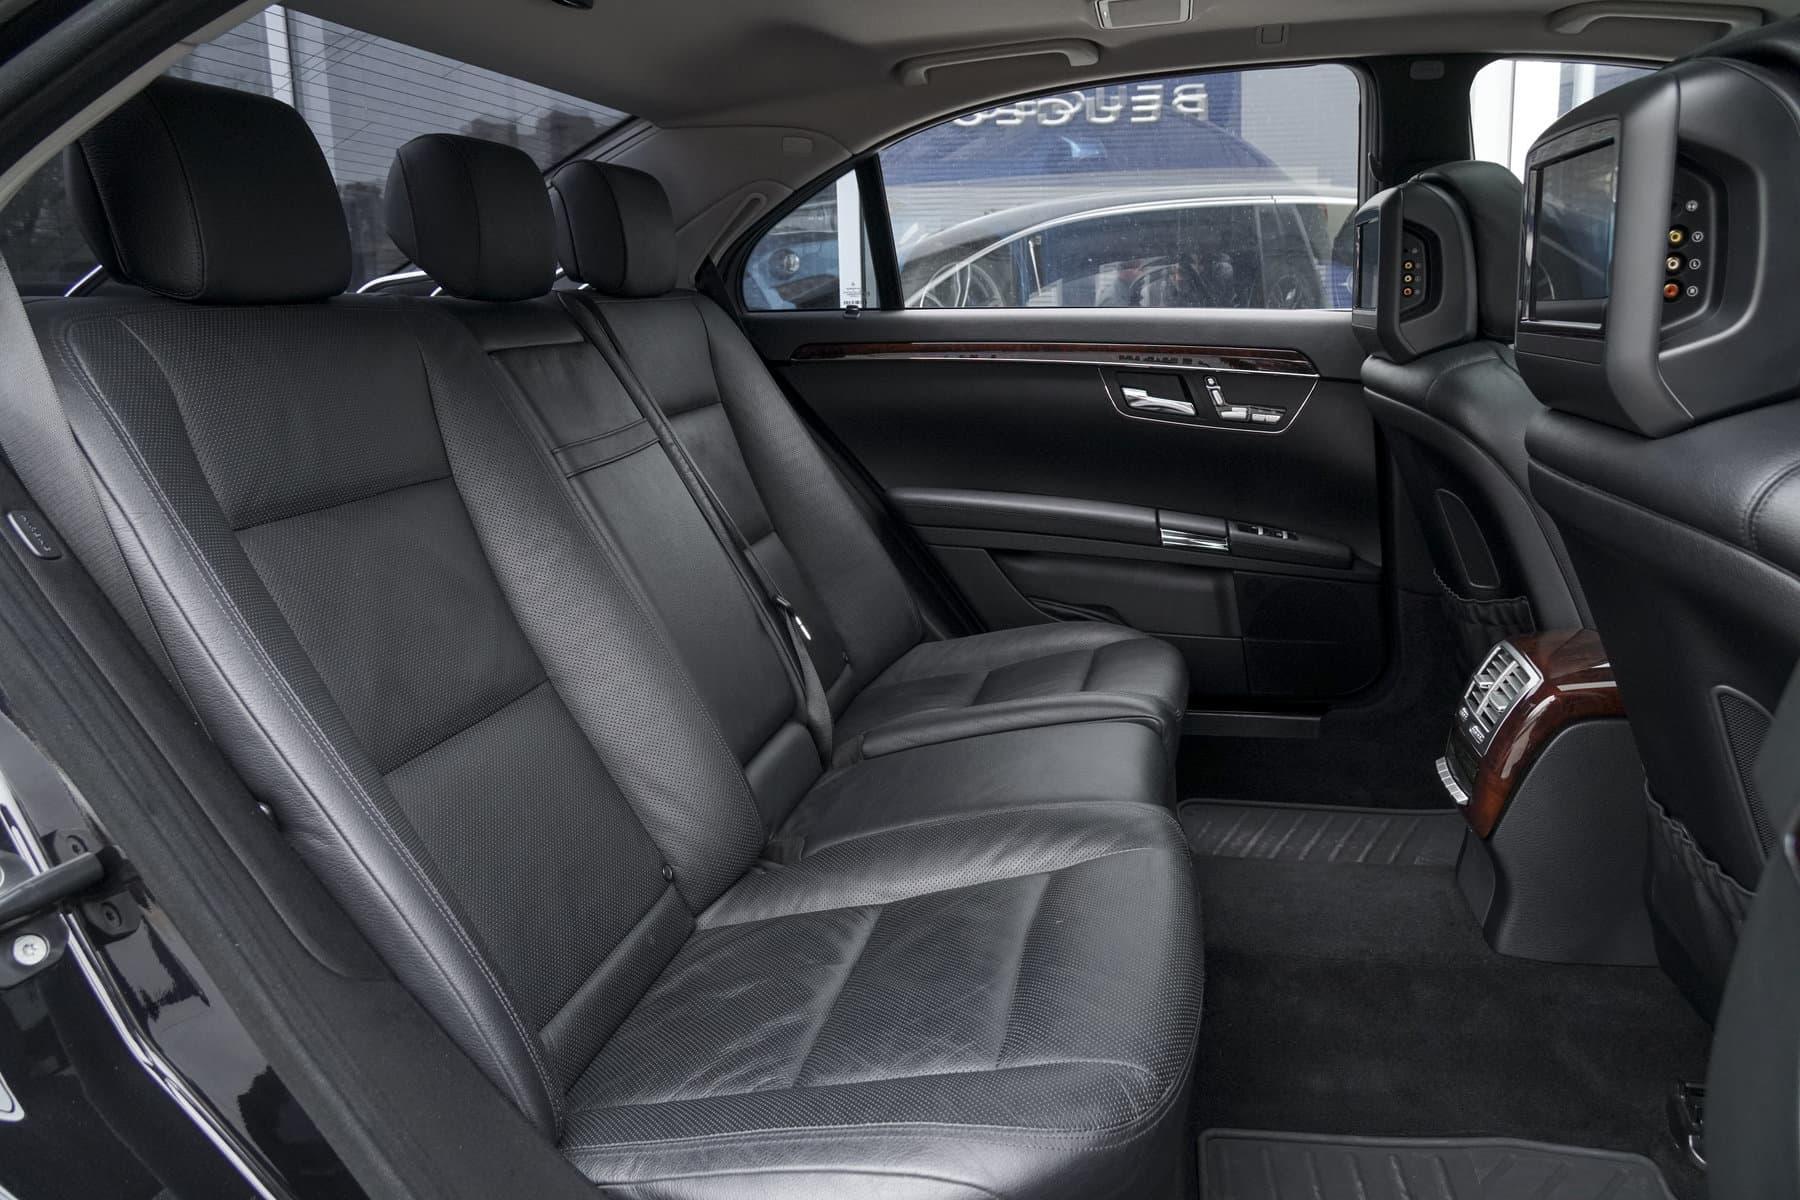 Mercedes-Benz S550 W221 4-matic - фото 7